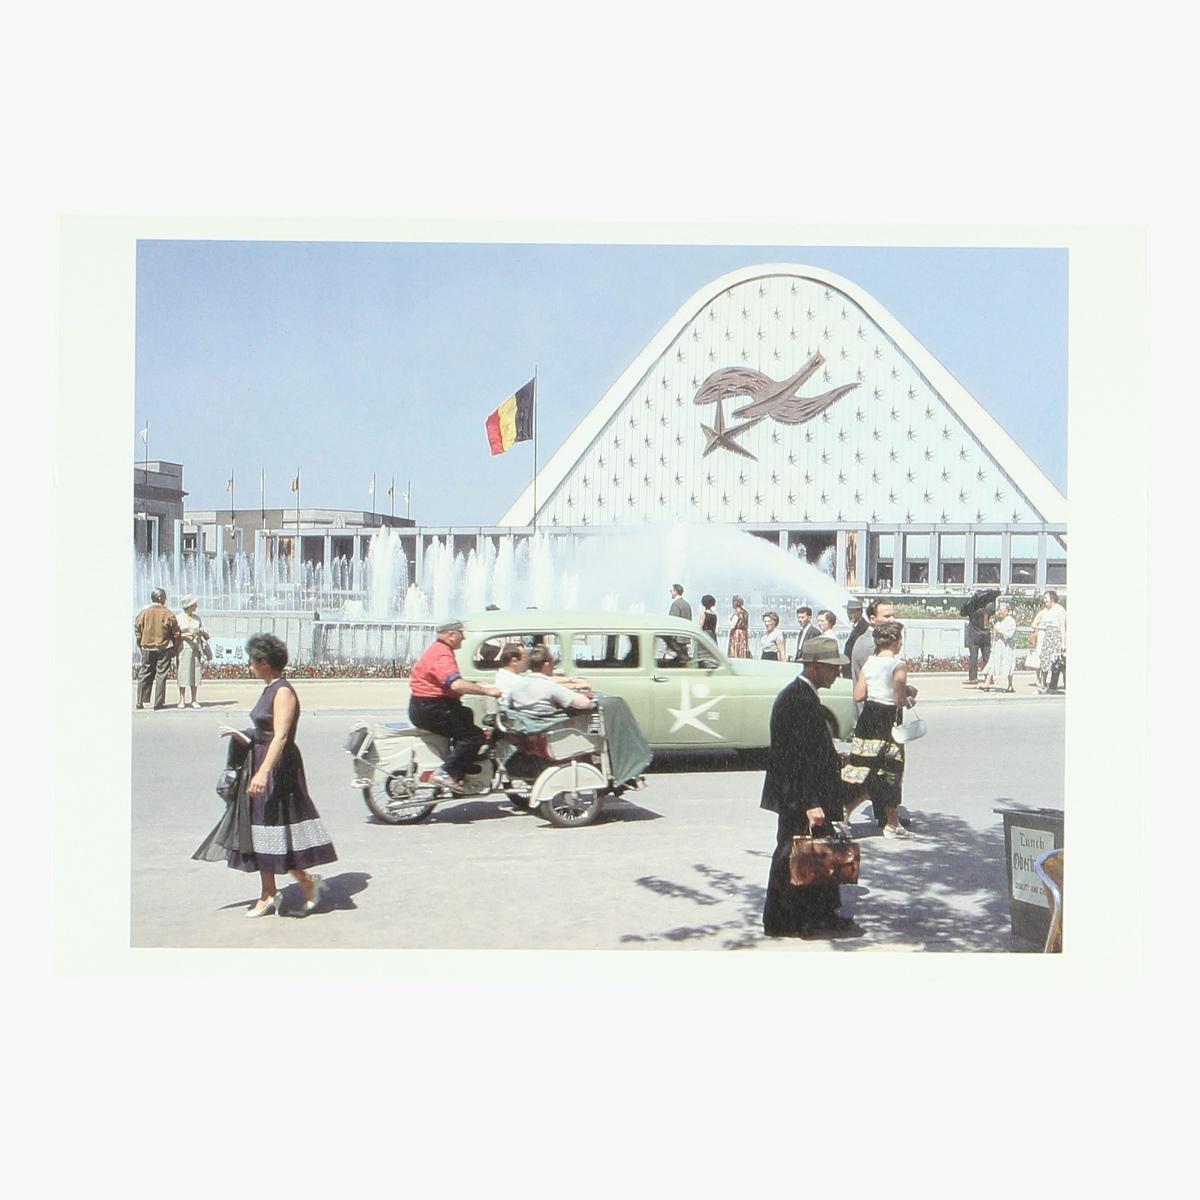 Afbeeldingen van postkaart expo 58 Belgieplein en paleis 5 repro